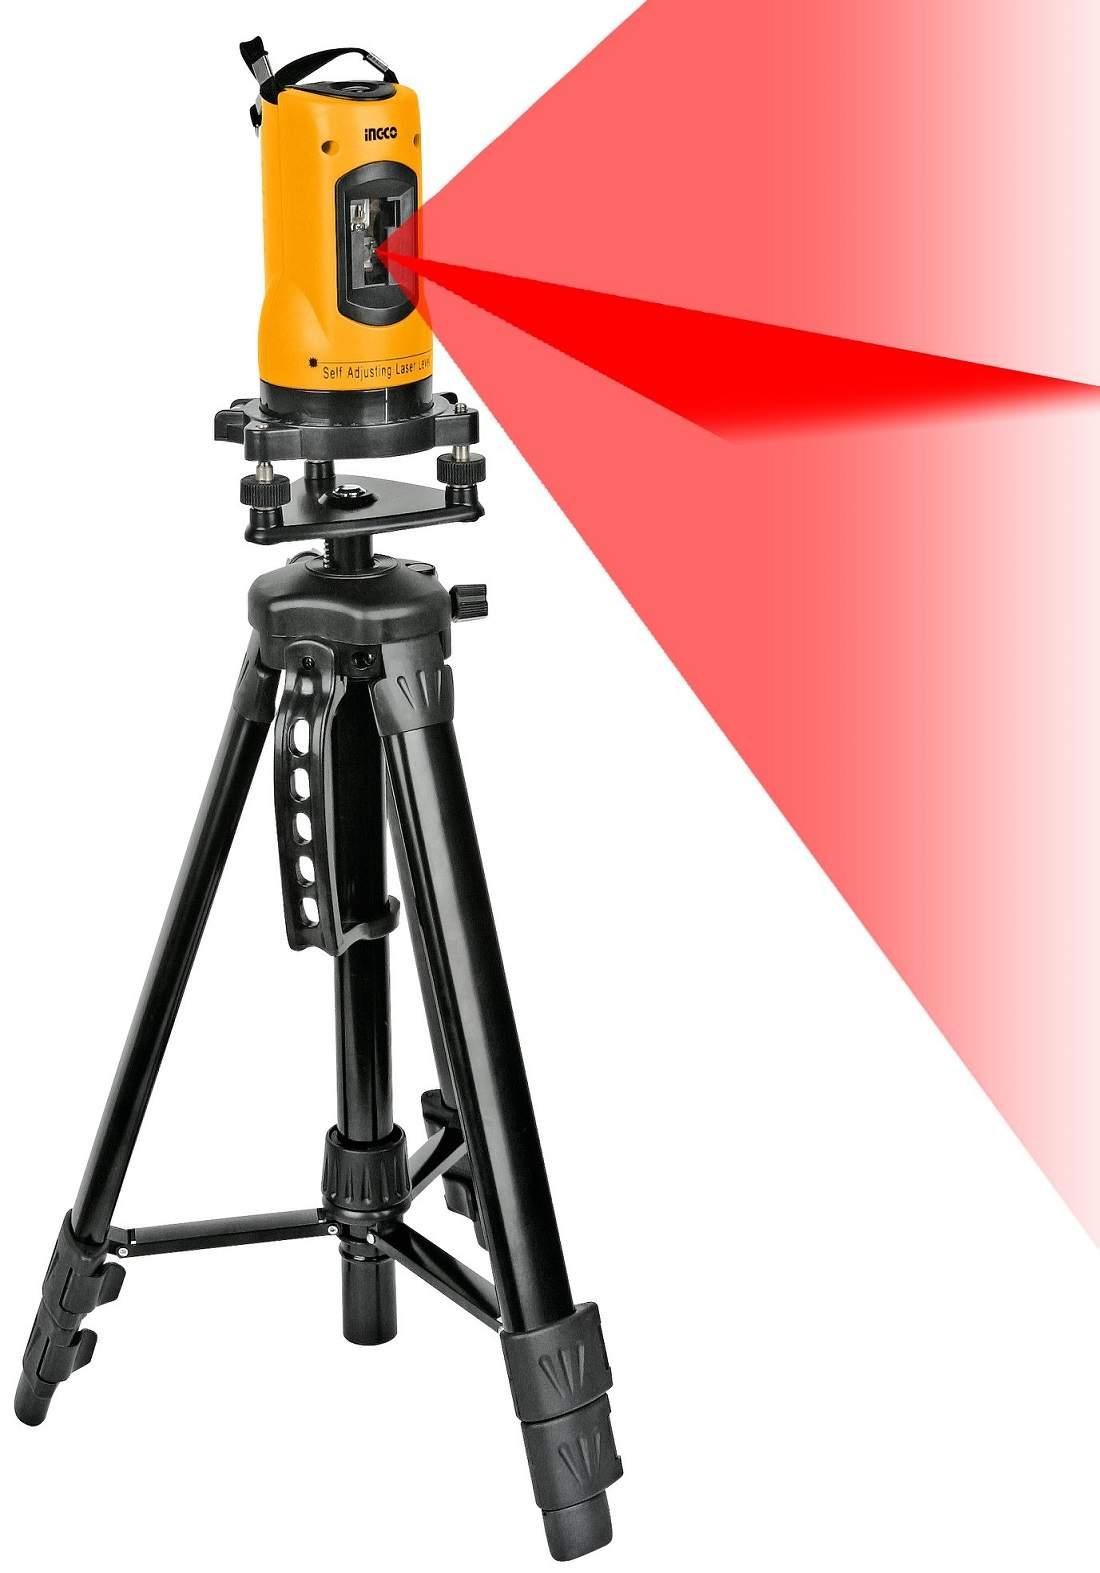 INGCO HLL6502 Level Laser جهاز لفل لقياس المساحة